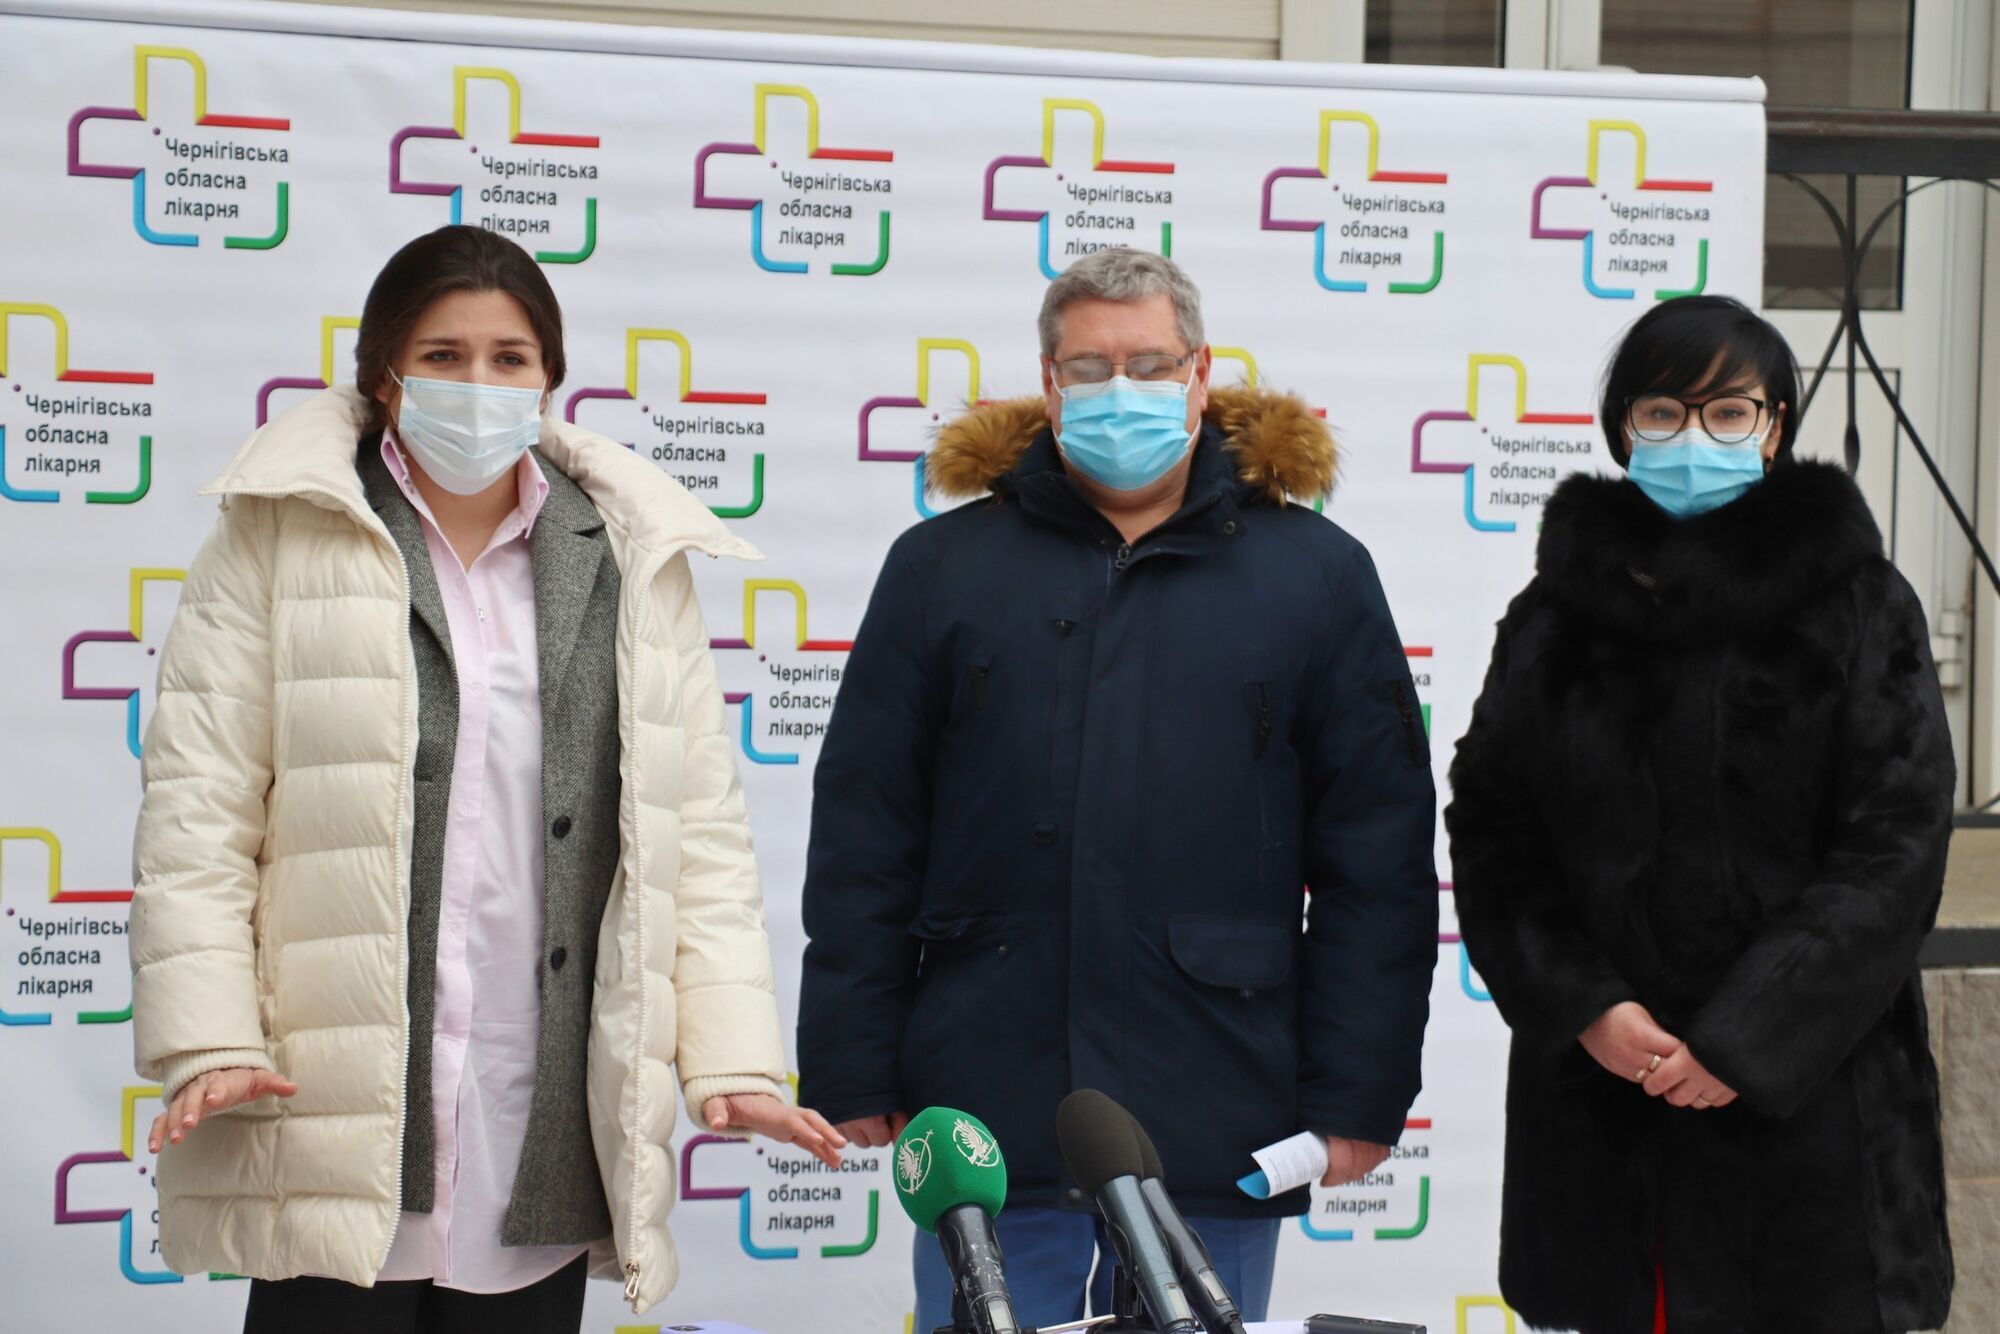 Брифінг біля Чернігівської обласної лікарні